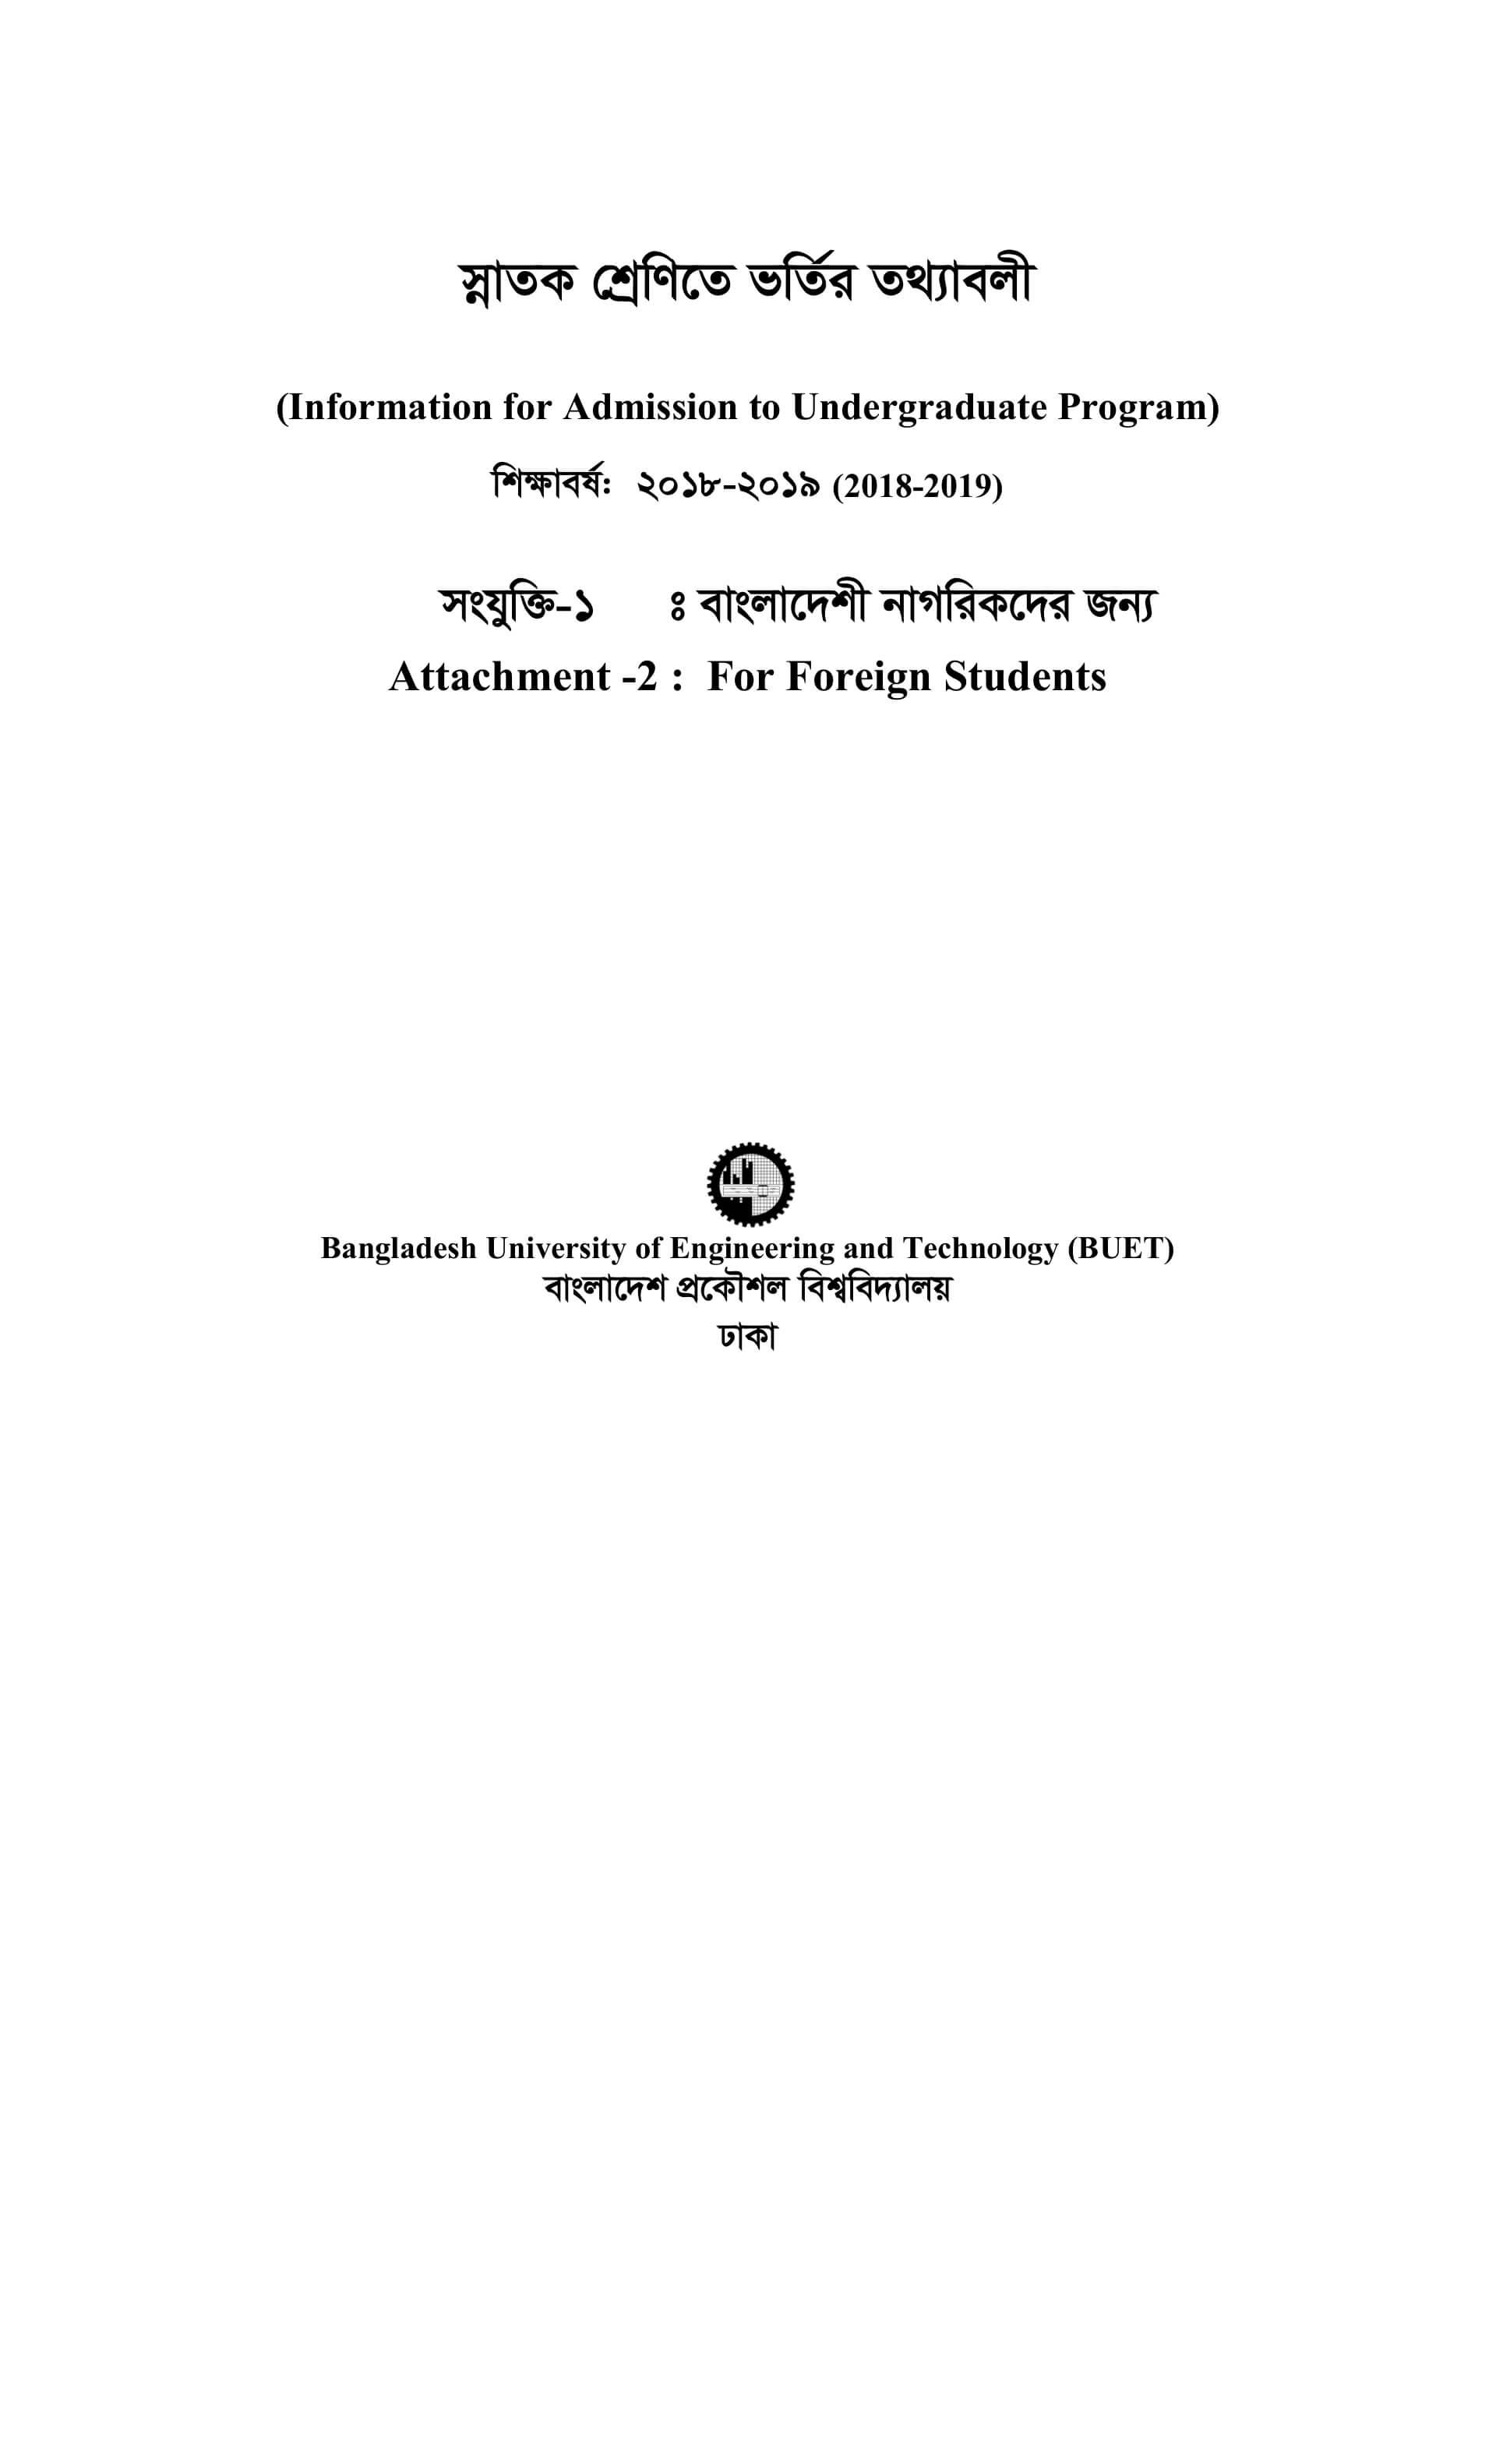 Bangladesh University of Engineering & Technology Admission Guideline